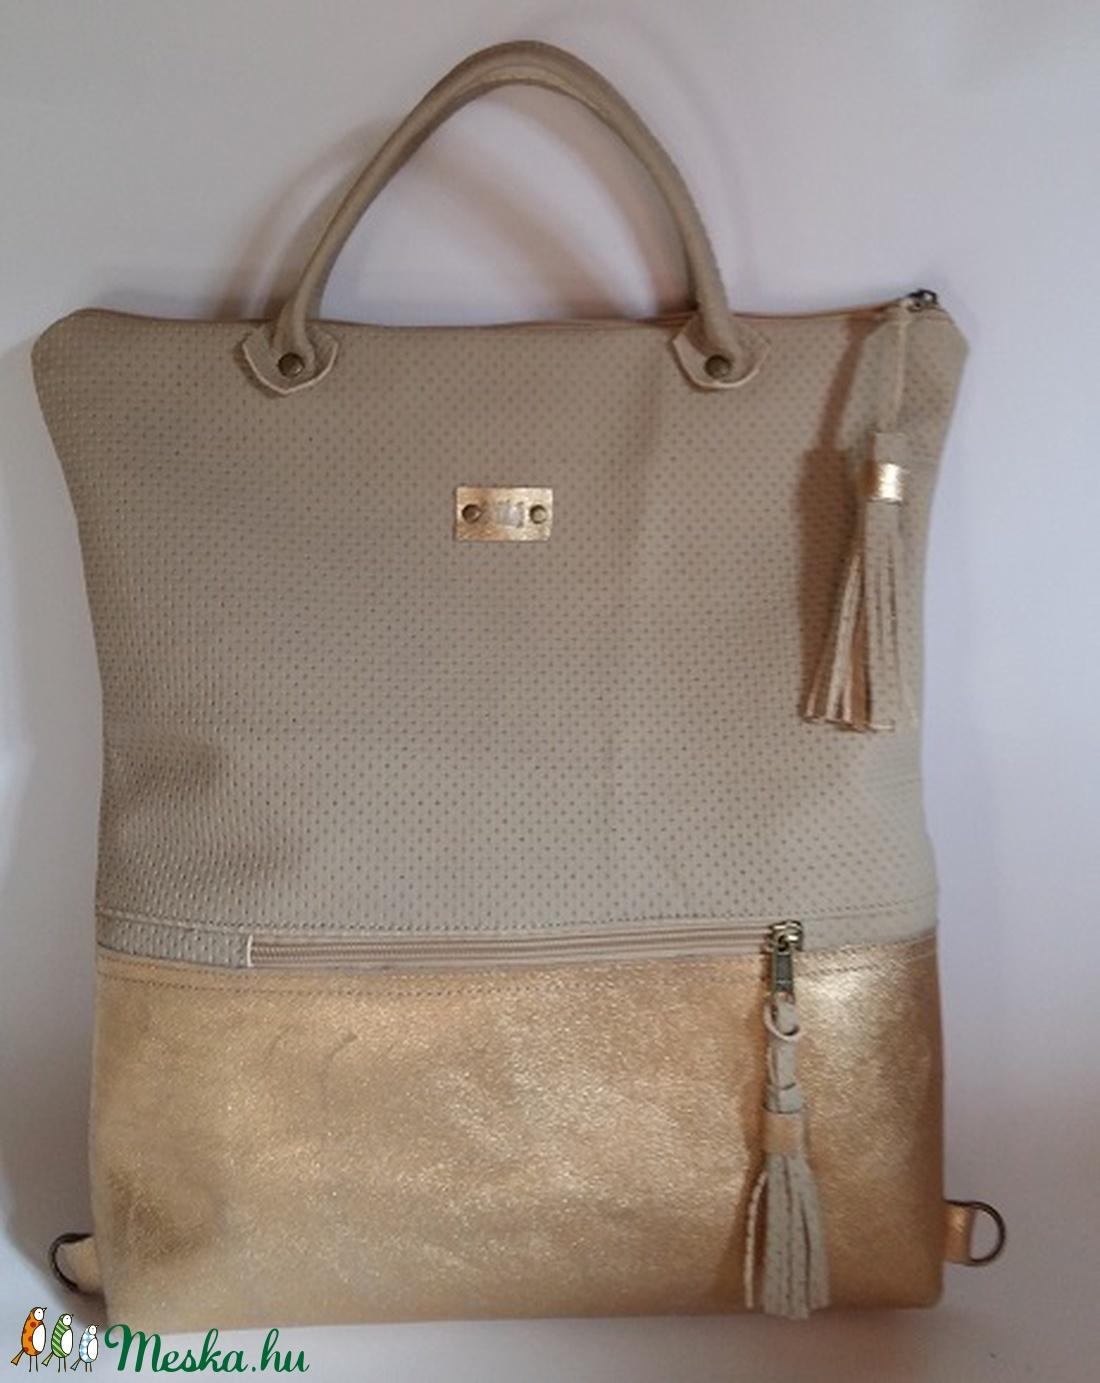 Bőrtáska arany és beige női táska hátizsák super divatos egyedi dartab ( BYildi) - Meska ... a9d3dfdf14